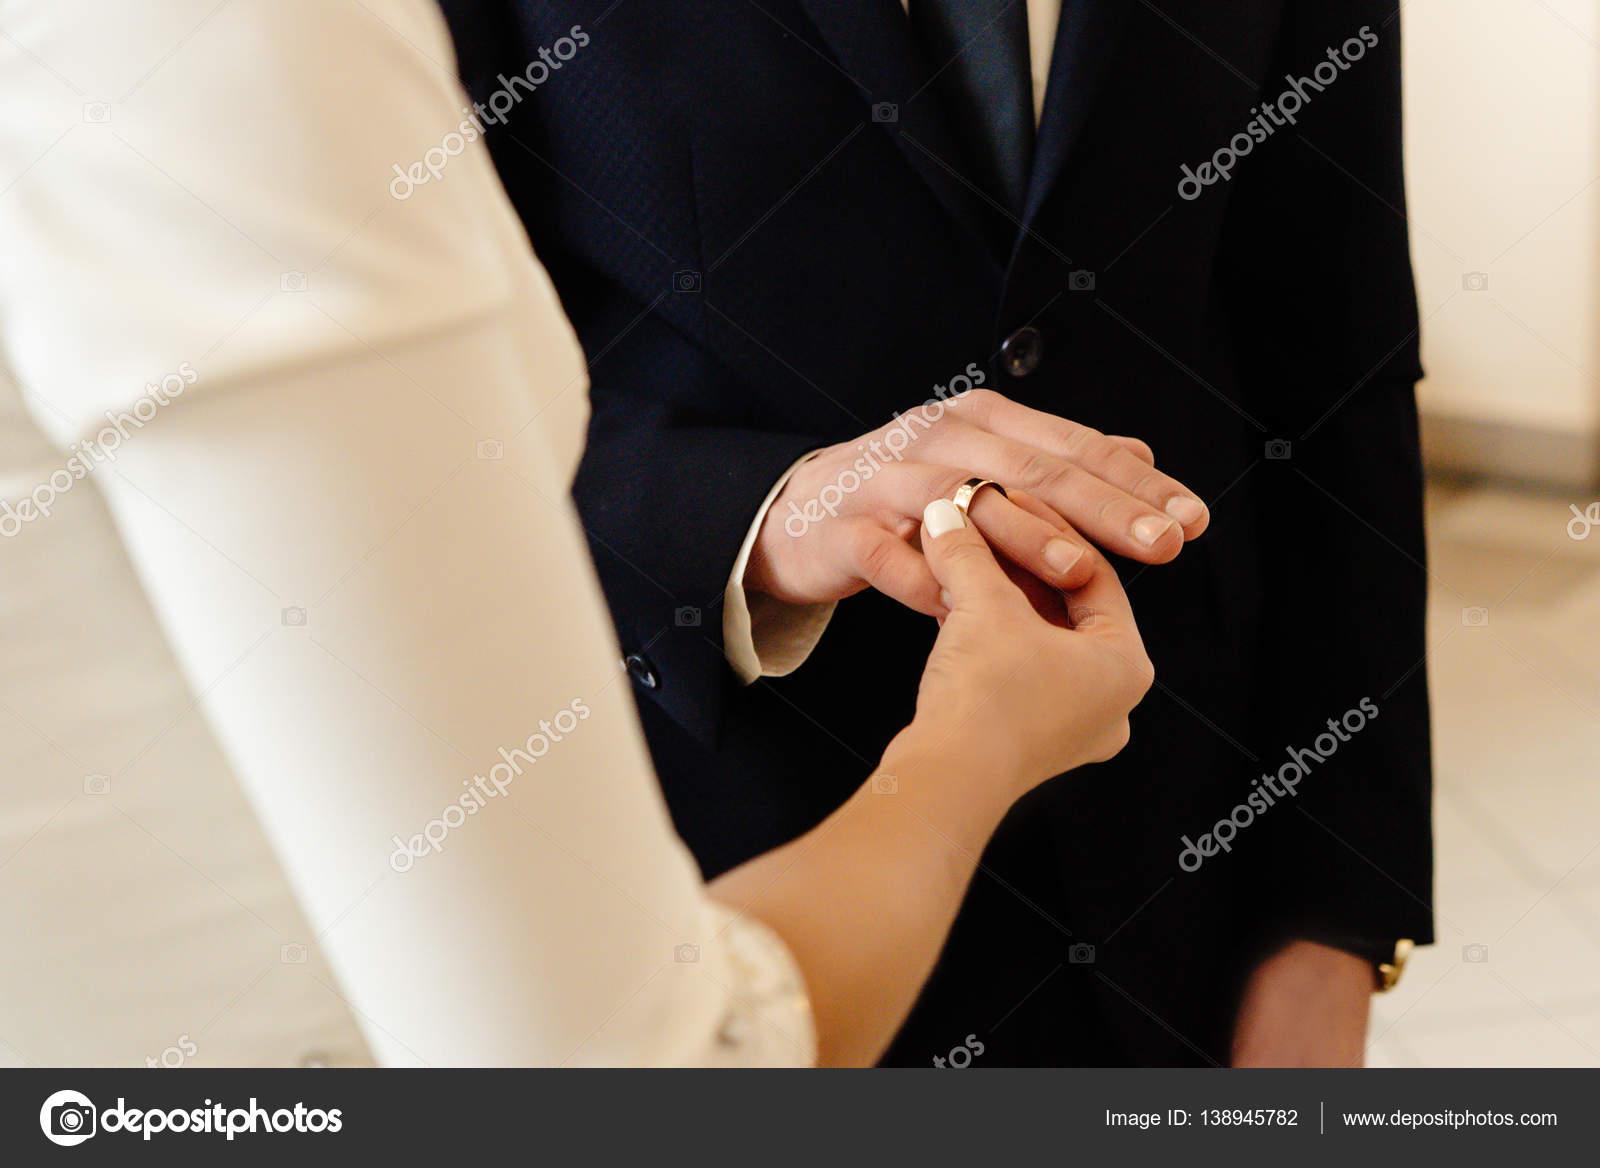 93 exchanging wedding rings modern emerald cut